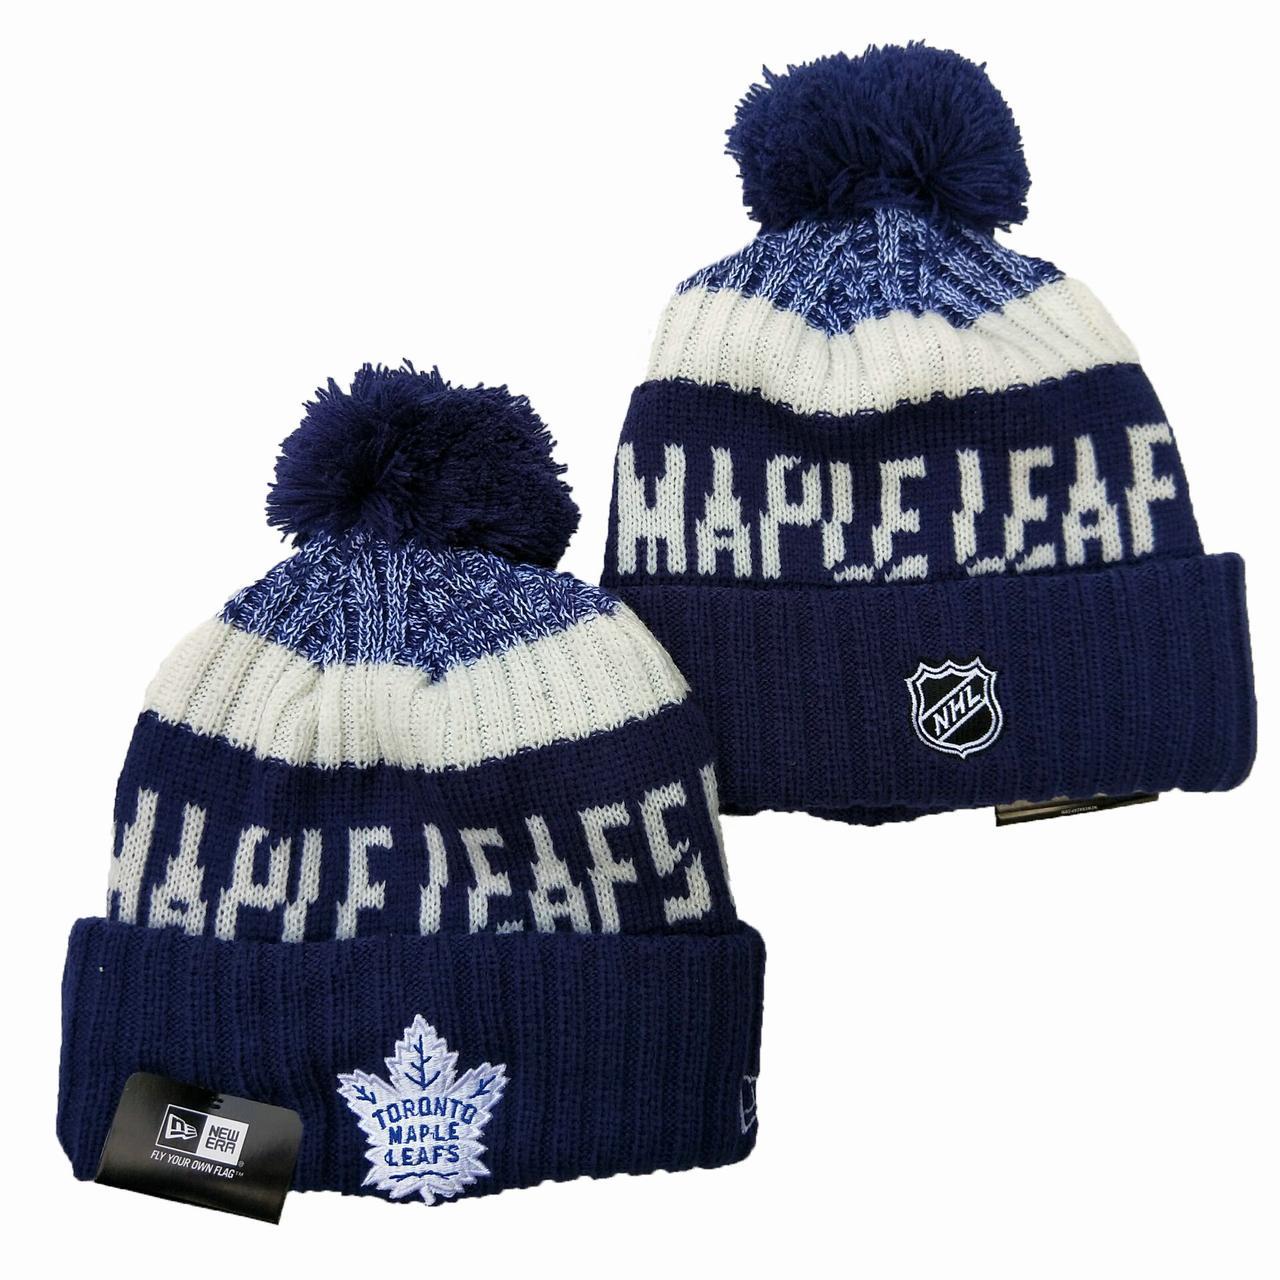 Шапка зимняя Toronto Maple Leafs / SPK-184 (Реплика)